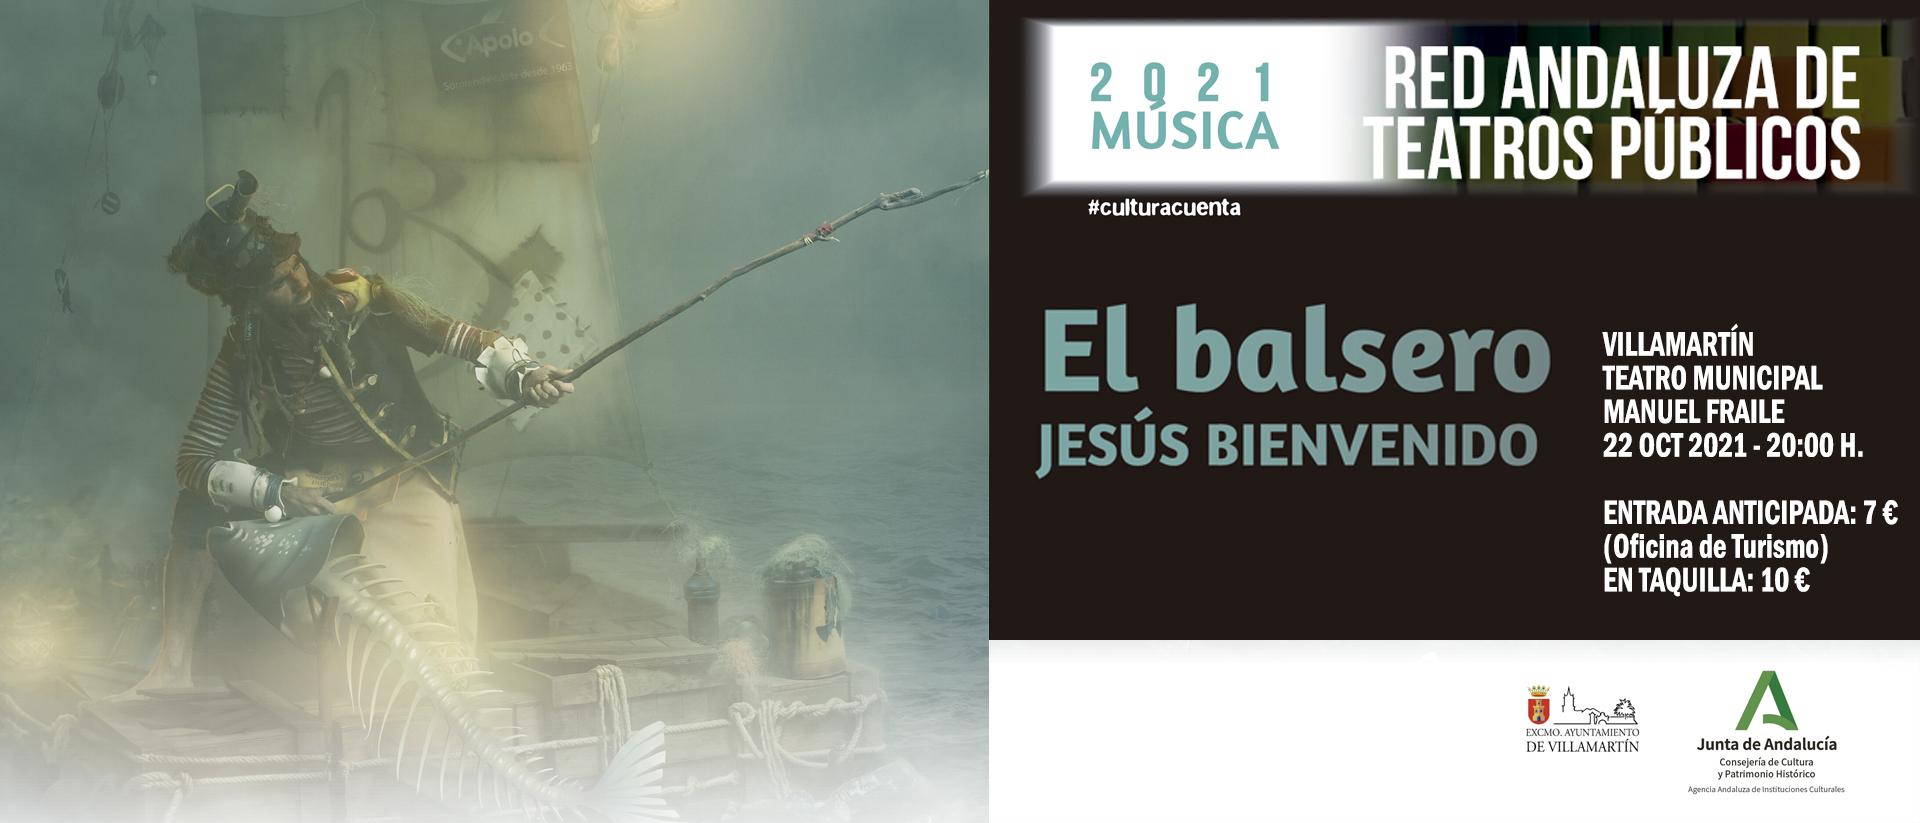 BANNER EL BALSERO